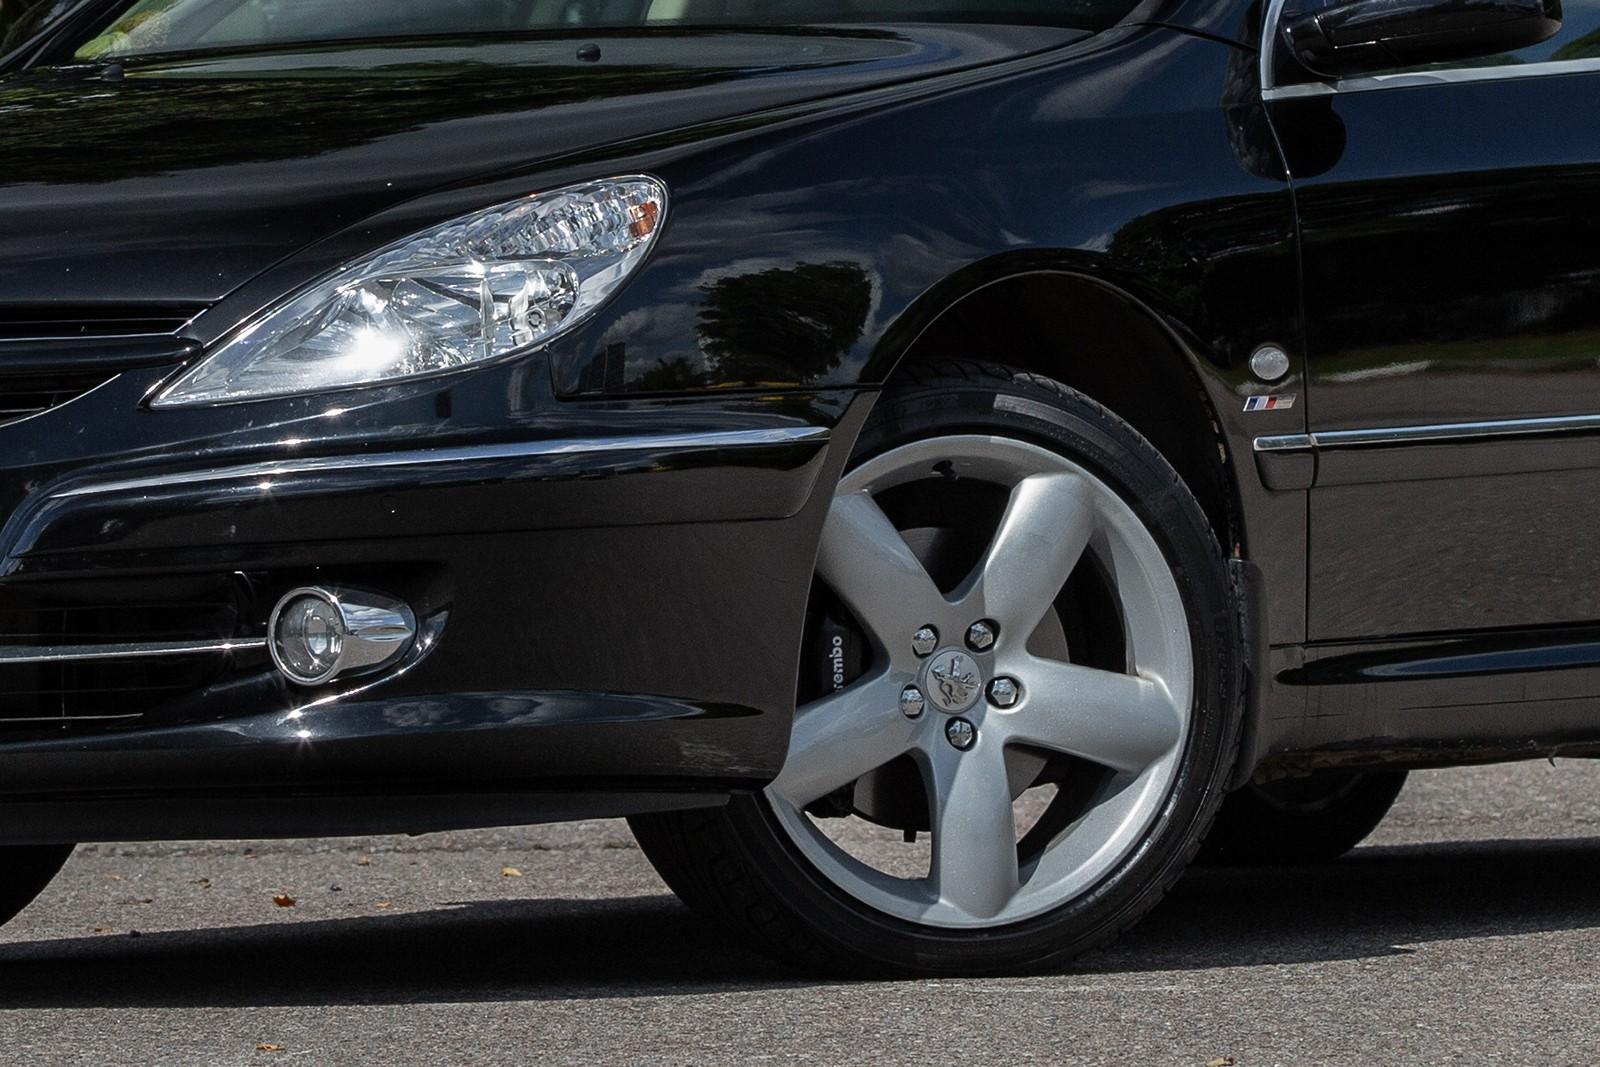 Peugeot 607 с пробегом: пороги сгнивают изнутри, но салон сохраняется неплохо